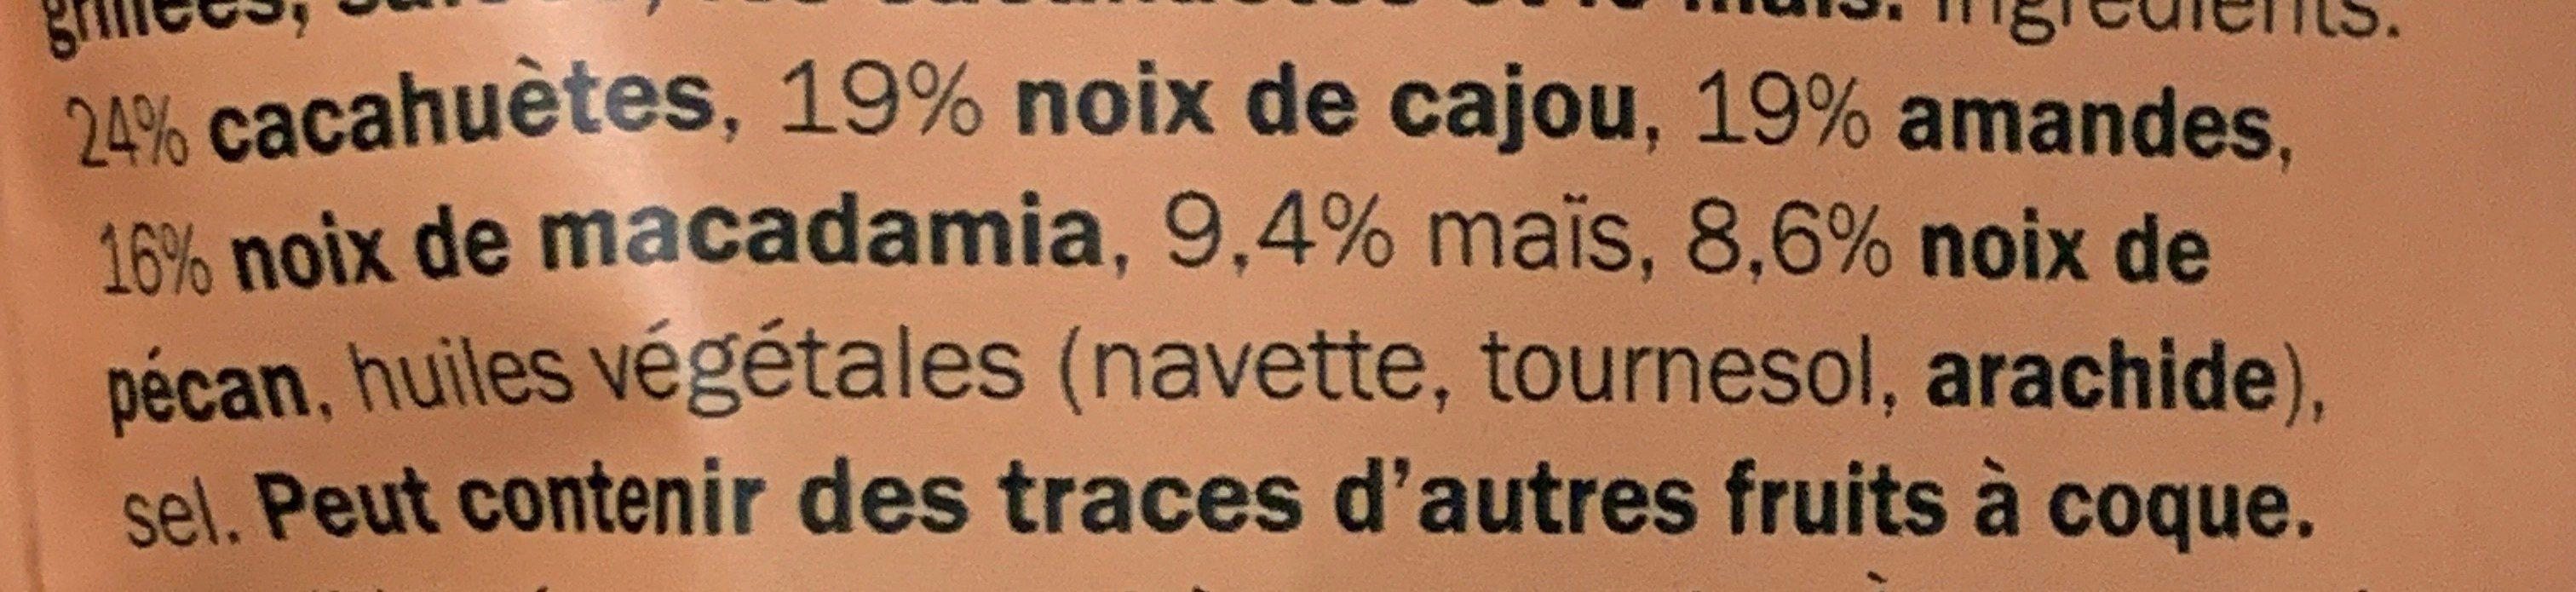 Mélange de noix maïs et noix de macadamia - Ingrédients - fr